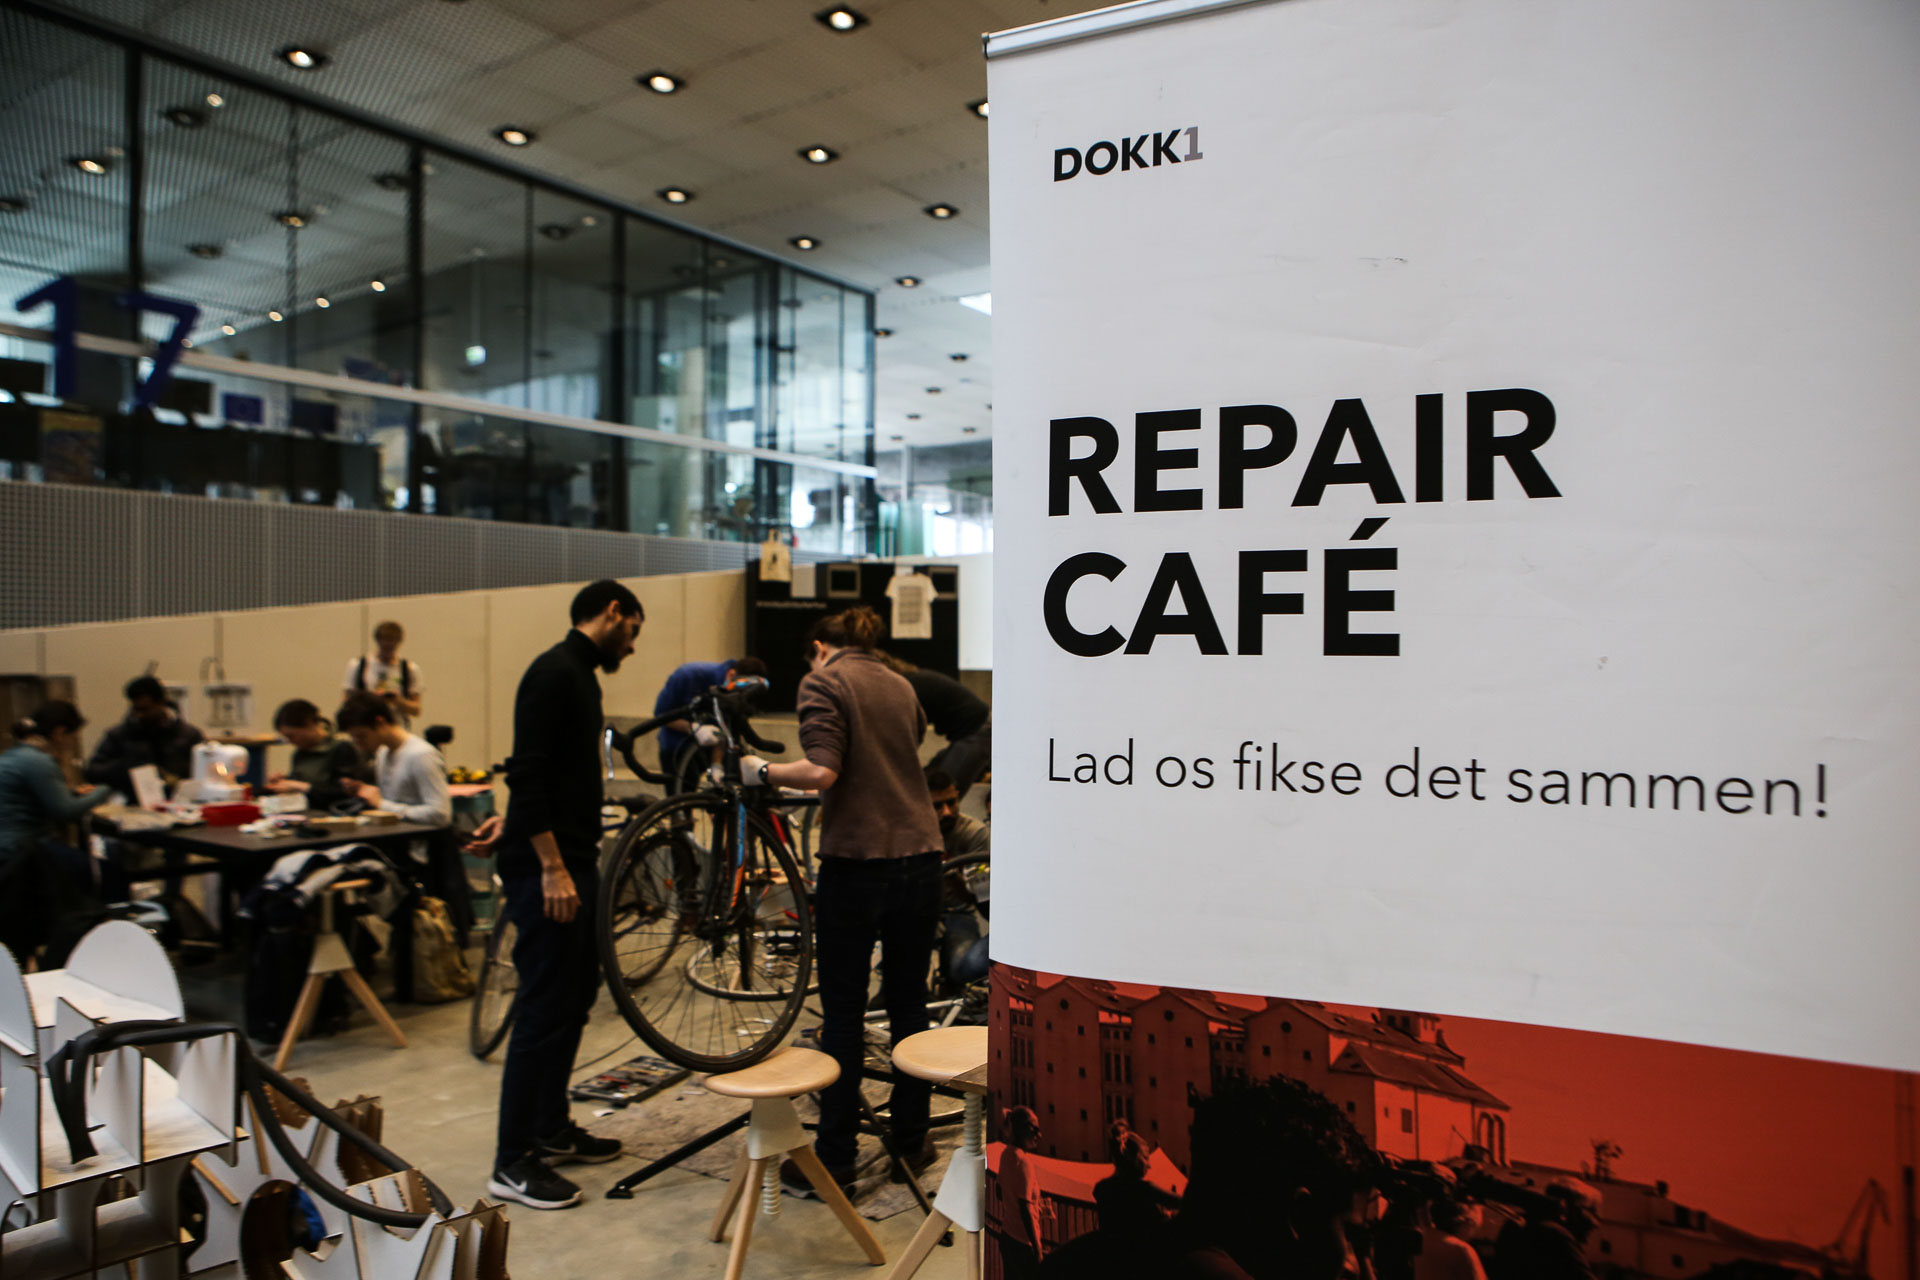 Старим речам – нове життя, або як працюють «ремонтні кафе»